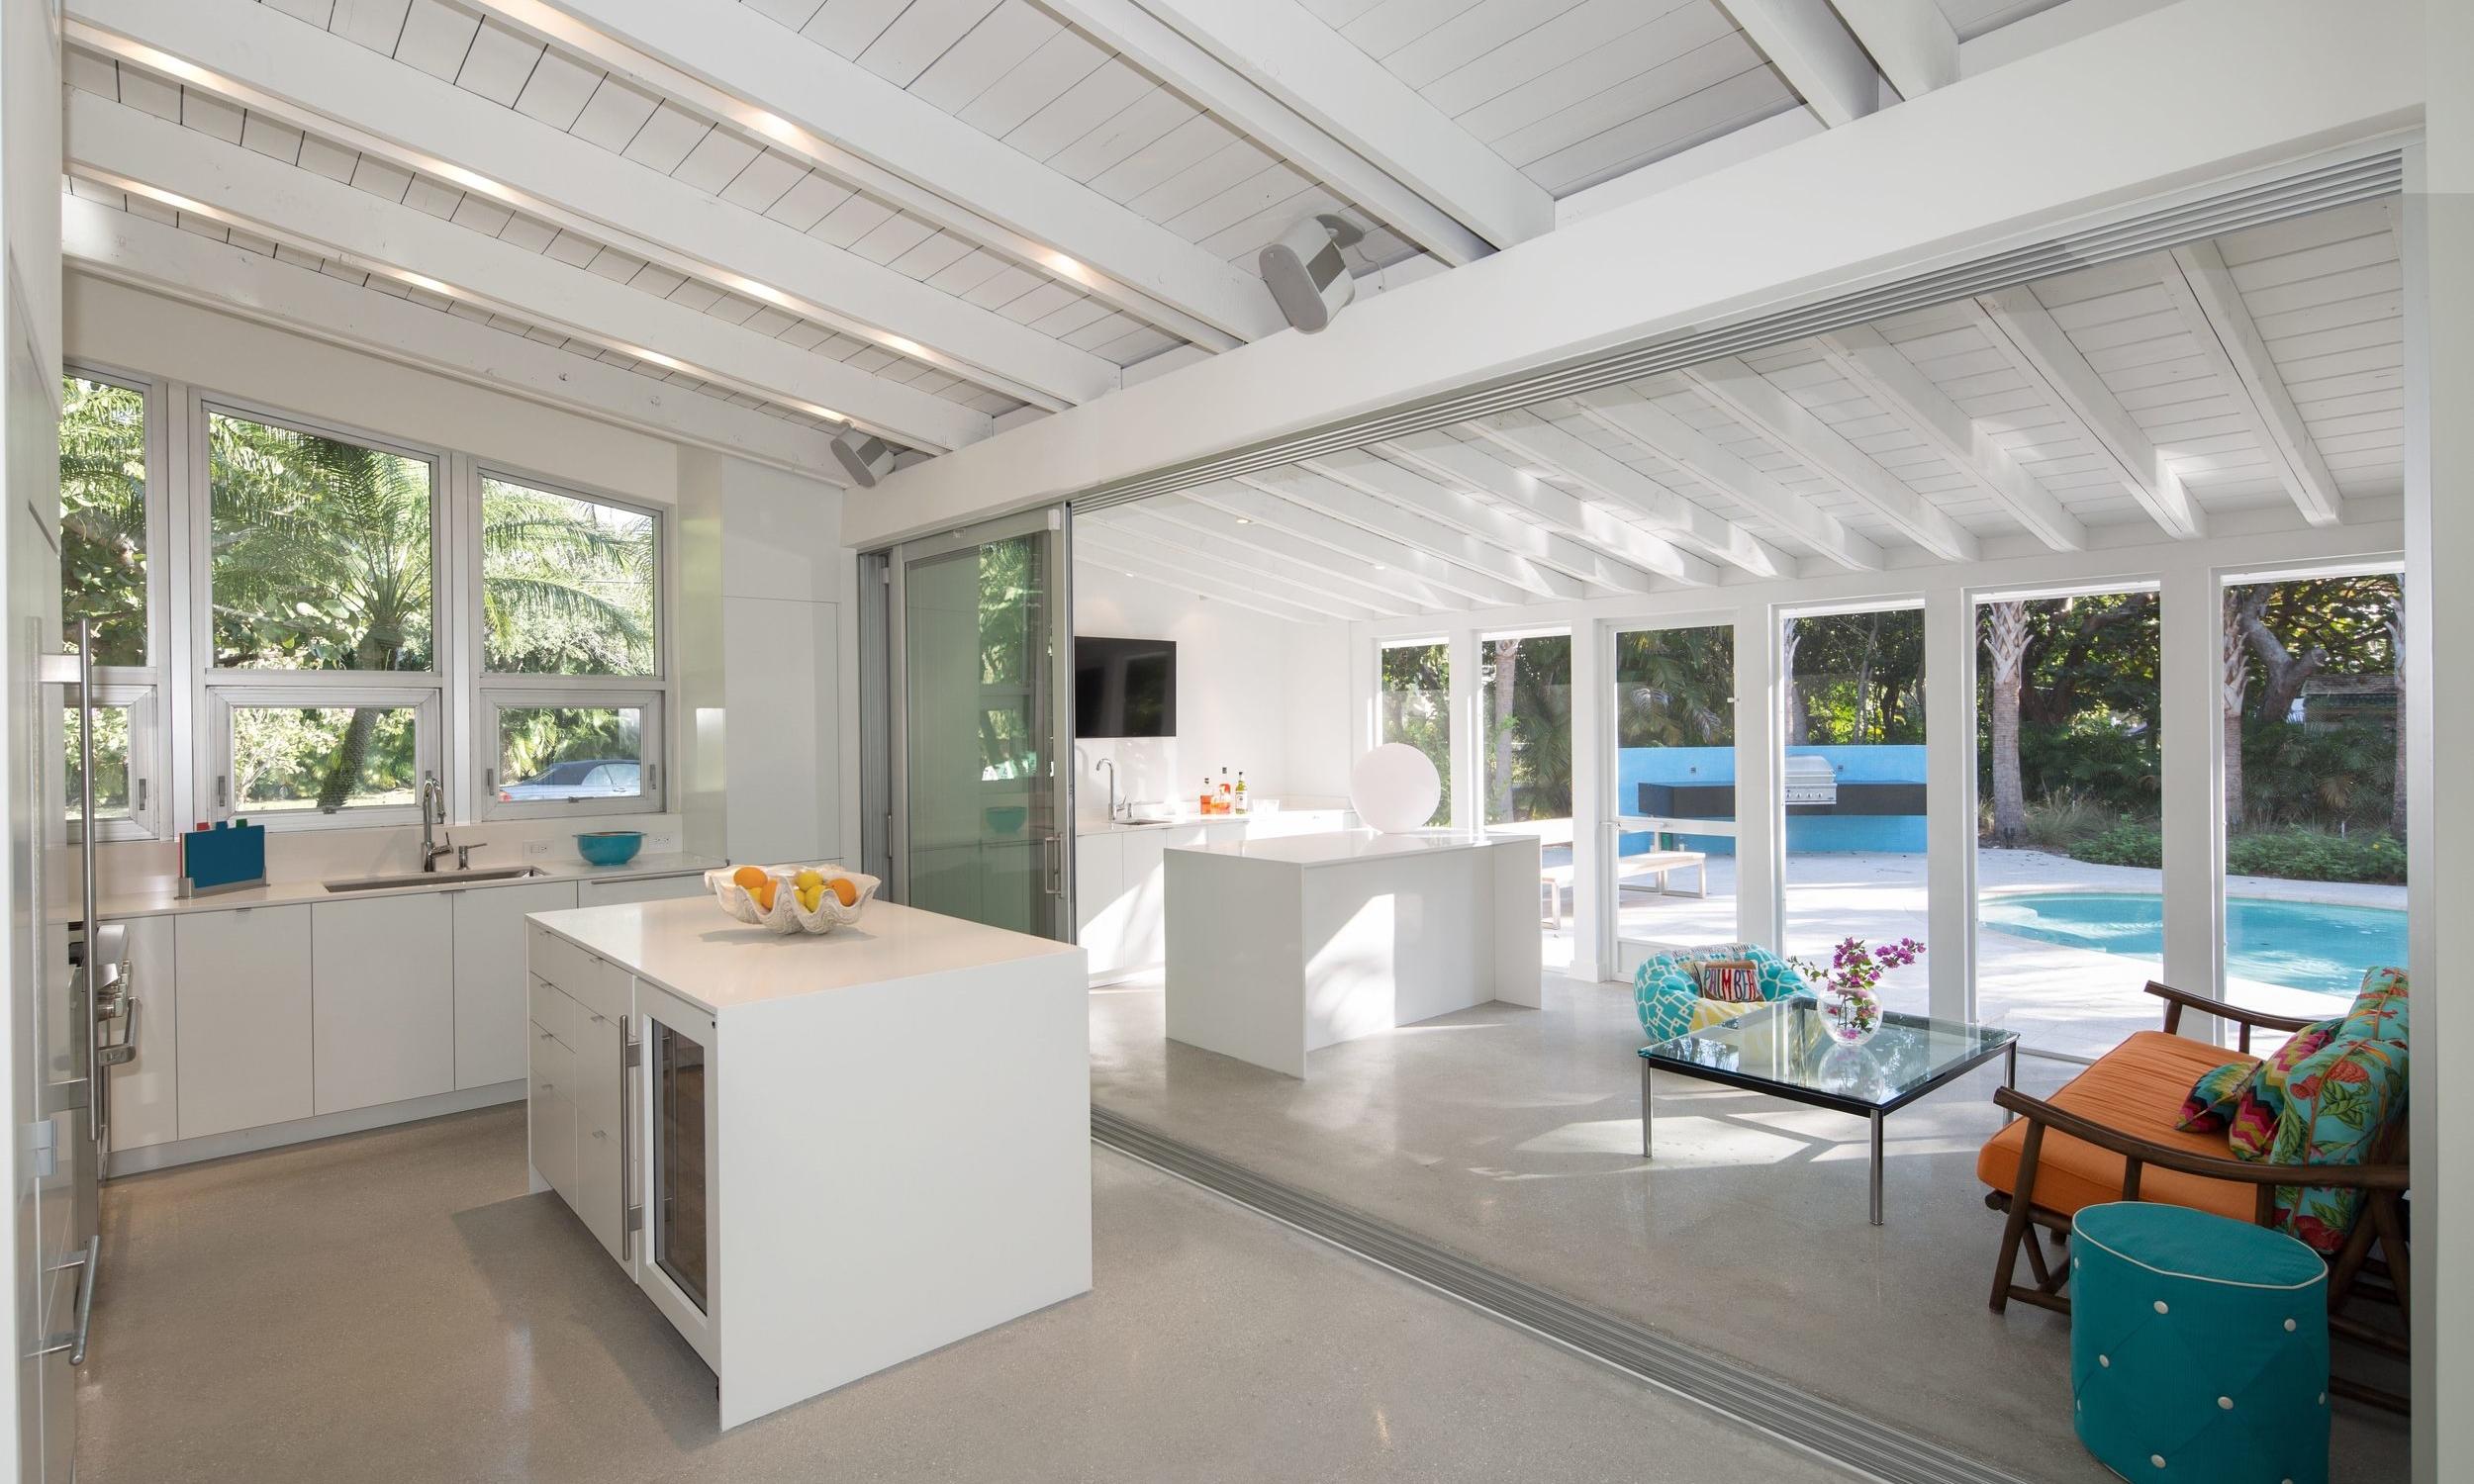 Hypoluxo Island Residence 1 - AIA Award — Silberstein Architecture